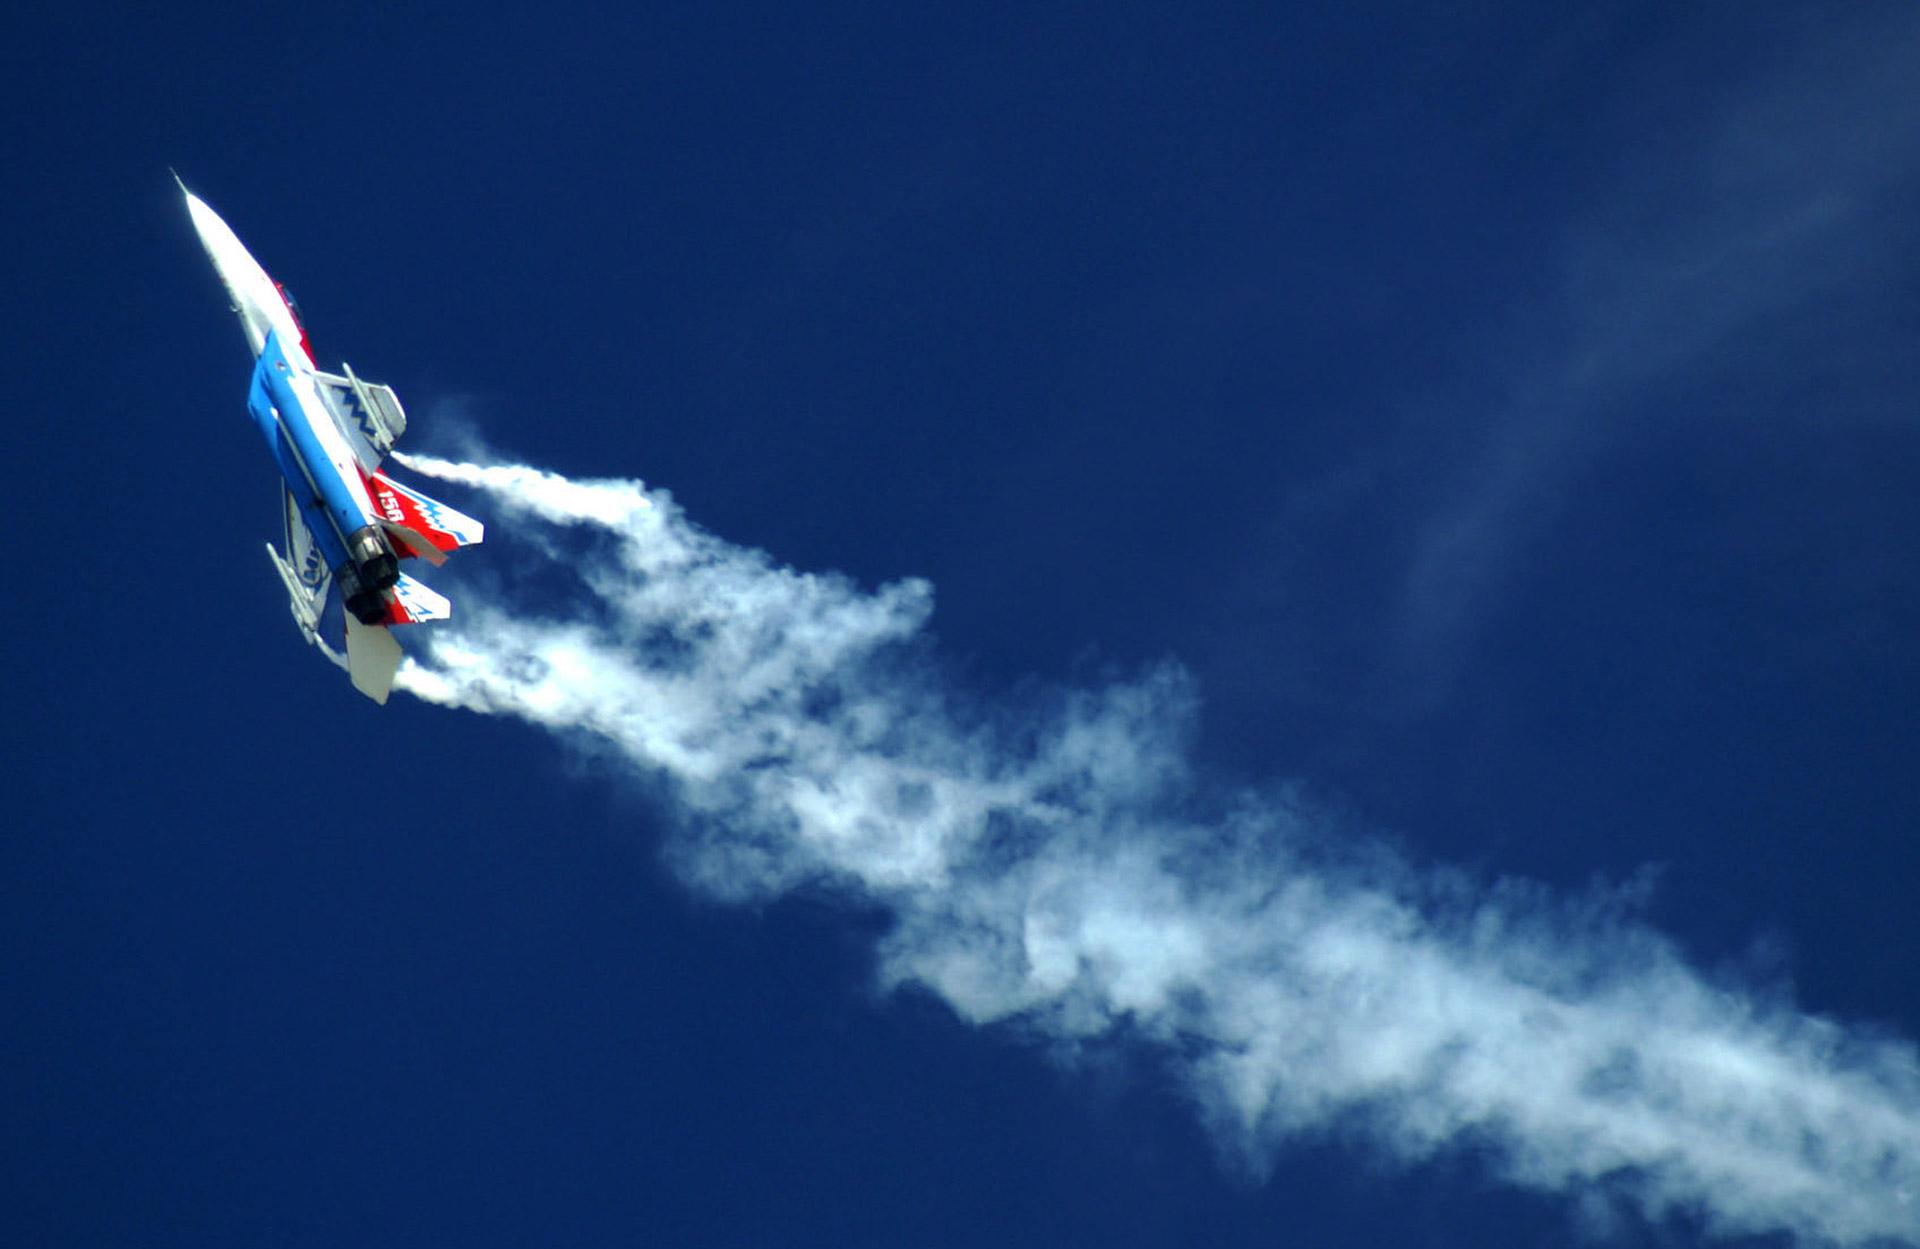 Entrainement</br>au vol suborbital en MiG-29